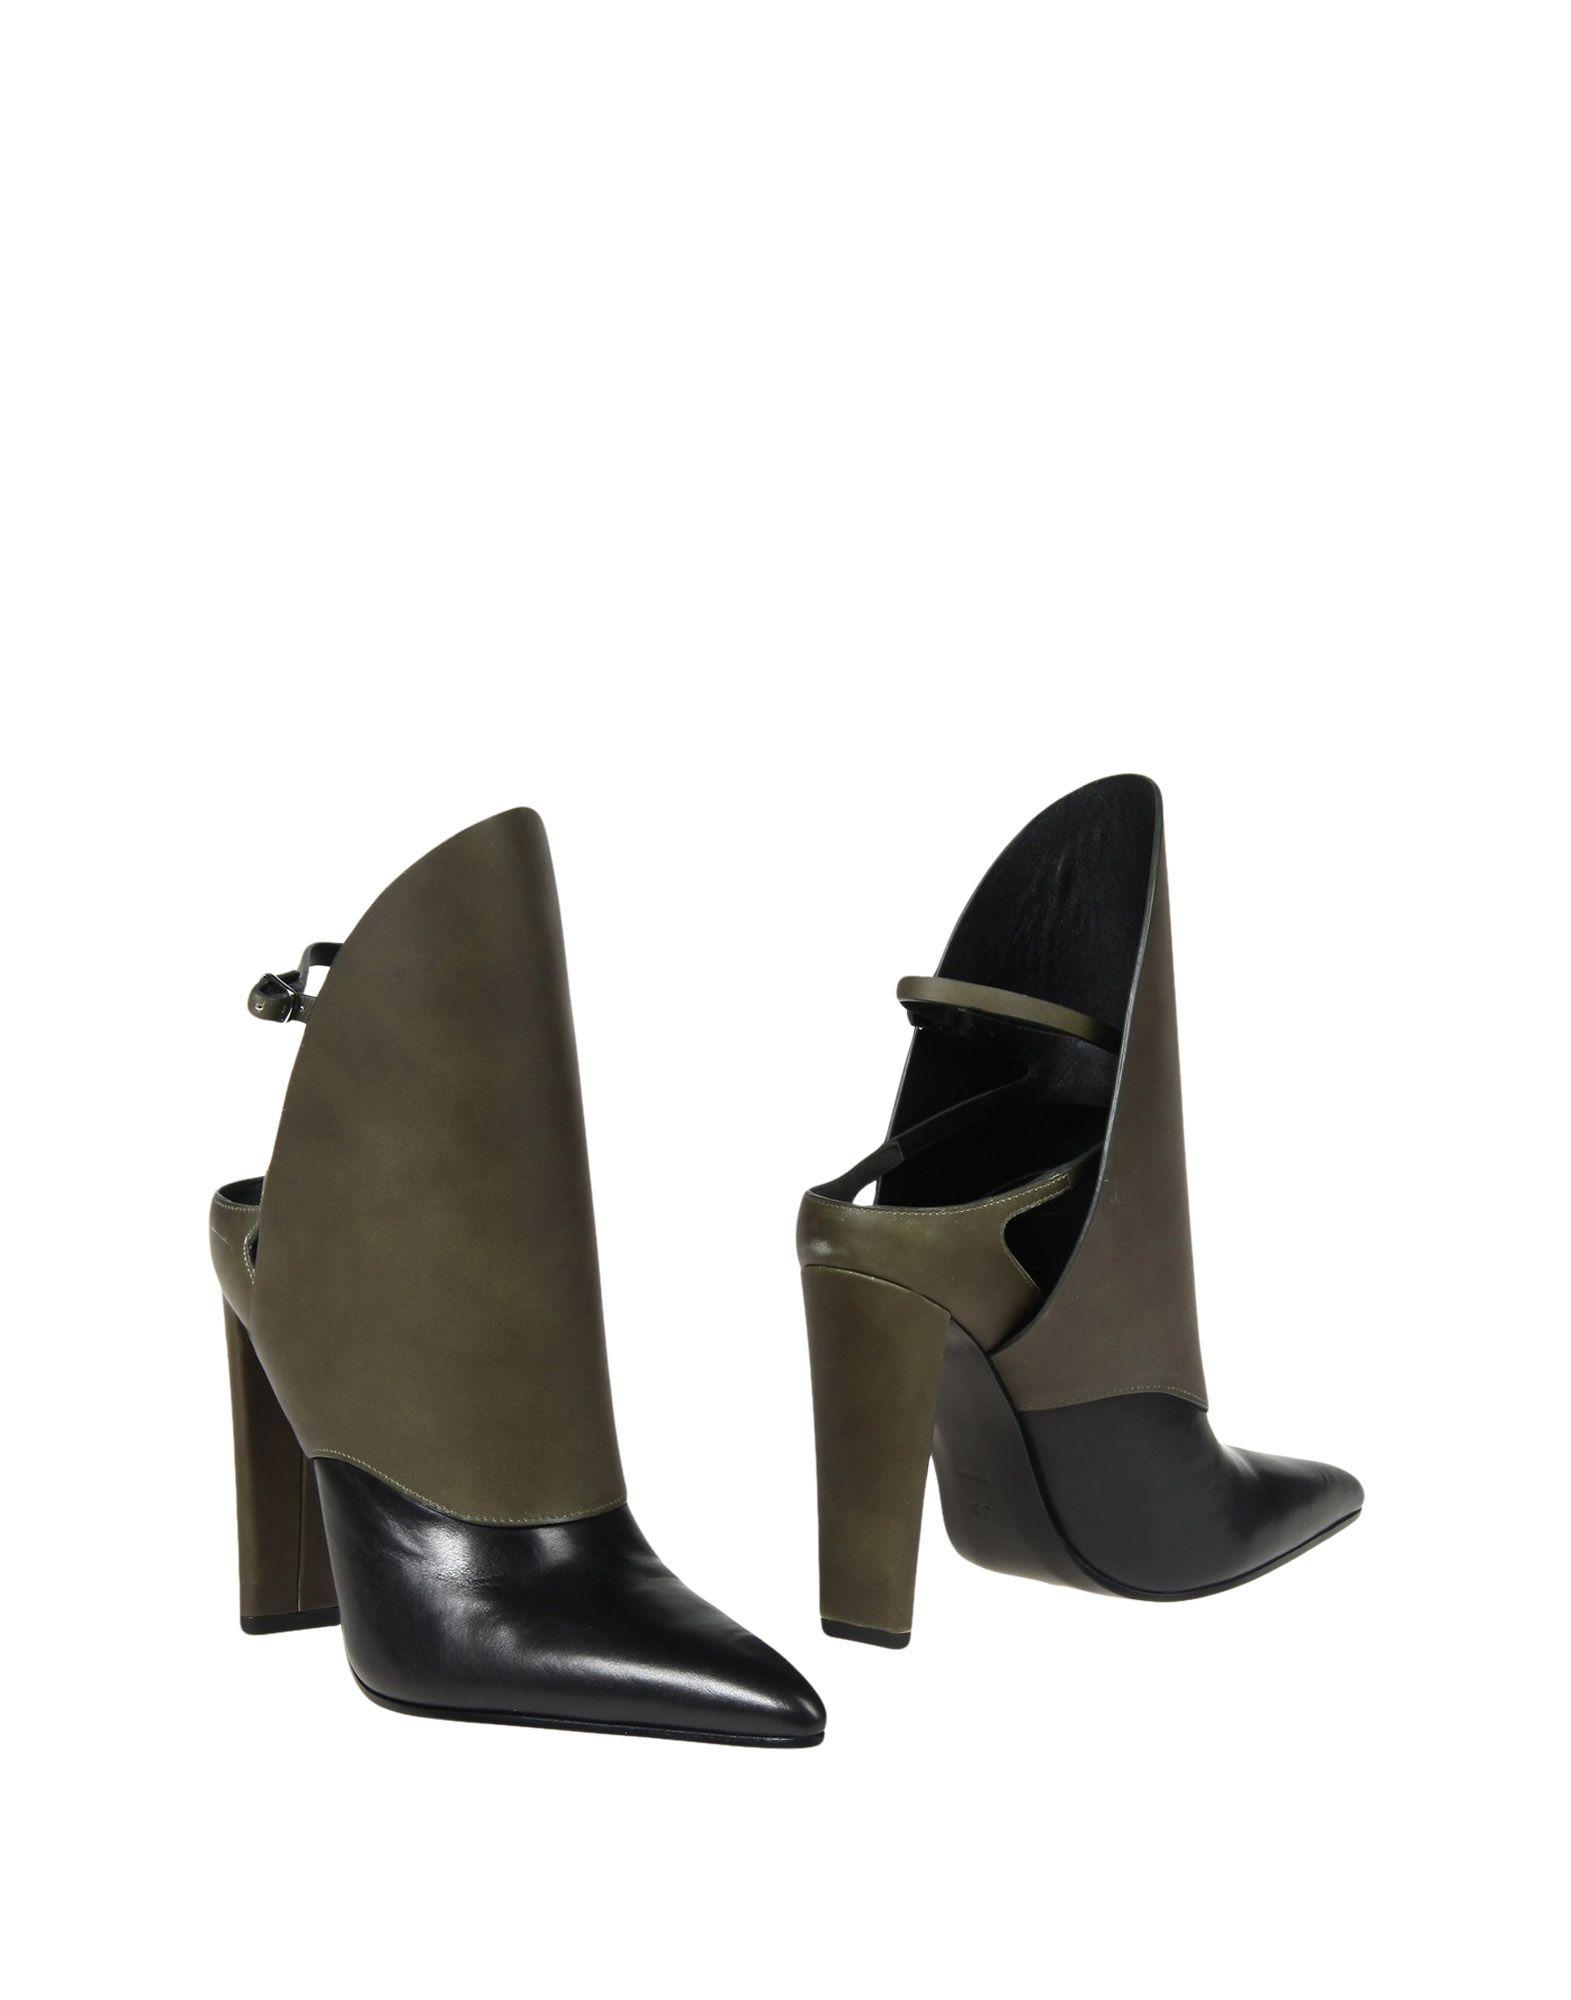 Alexander Wang Stiefelette Damen aussehende  44937781GXGünstige gut aussehende Damen Schuhe f23f8f